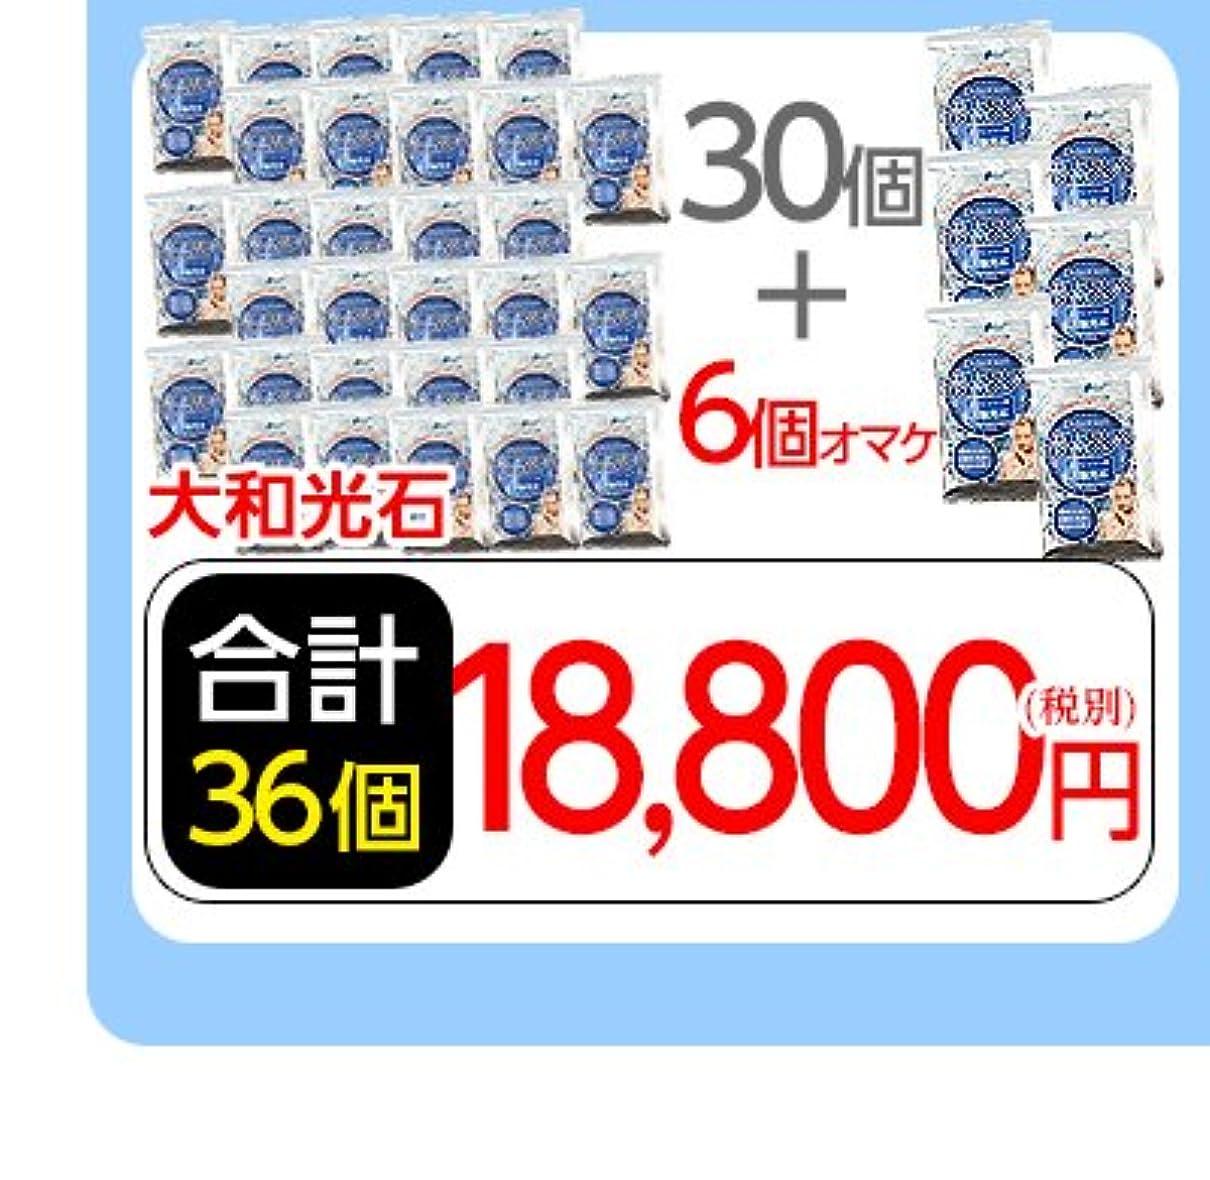 階下音意味するデトキシャン水素スパ☆大和光石30個+6個オマケ